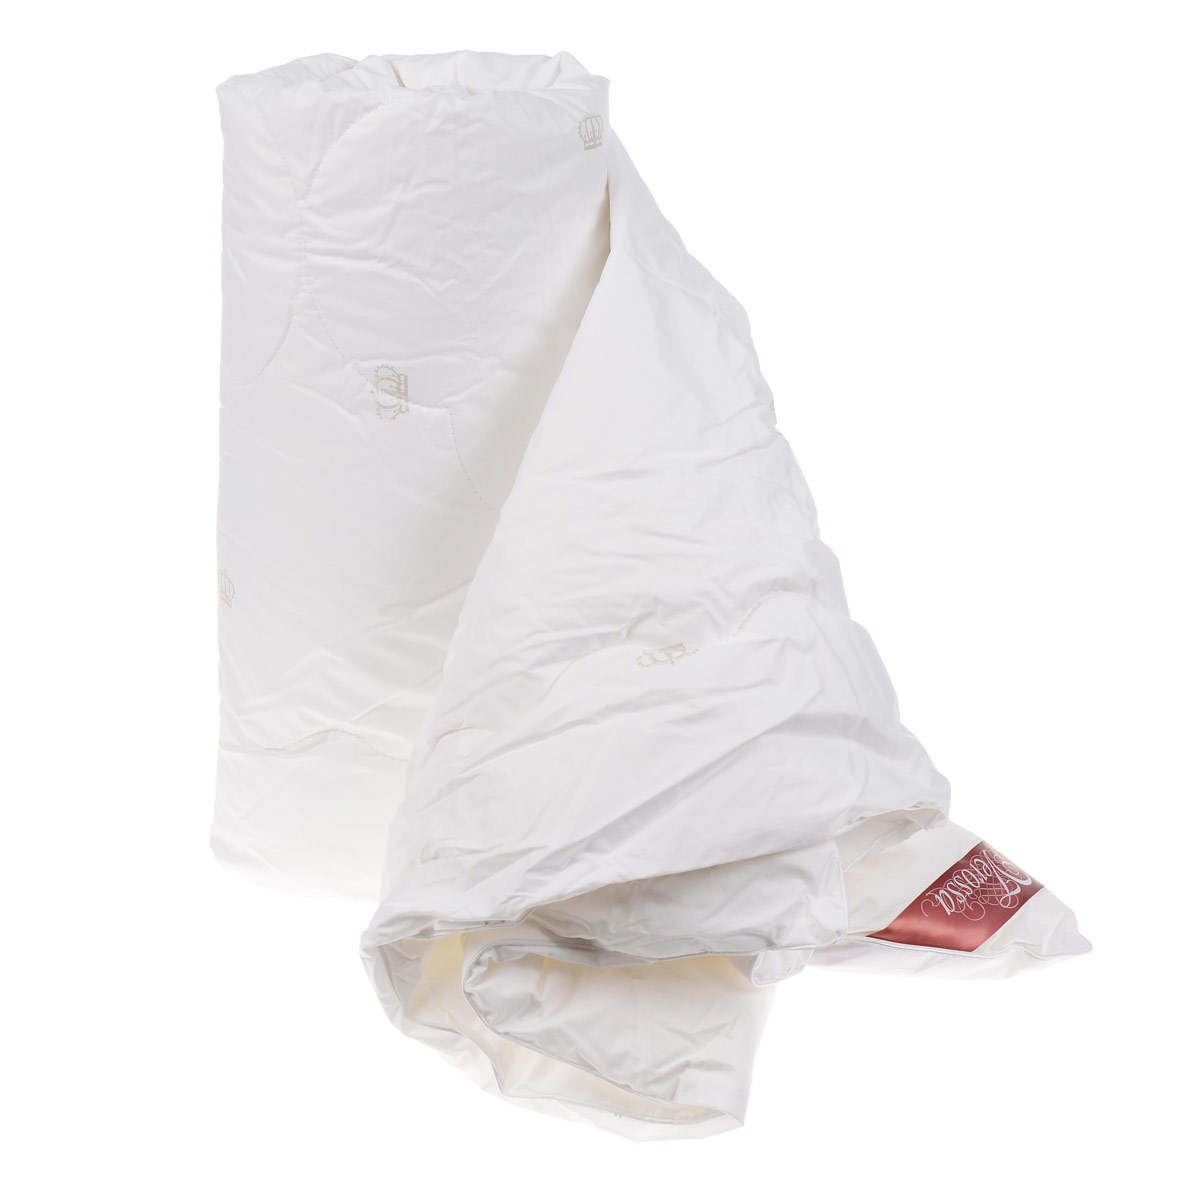 Одеяло Verossa, наполнитель: лебяжий пух, цвет: белый, 200 см х 220 см157824Одеяло Verossa - стильная и комфортная постельная принадлежность, которая подарит уют и позволитокунуться в здоровый и спокойный сон.Чехол одеяла выполнен из перкаля пуходержащего (100% хлопка). Внутри - наполнитель из искусственноголебяжьего пуха, который является аналогом натурального пуха и представляет собой сверхтонкое волокно новогопоколения. Благодаря этому одеяло очень мягкое и легкое, не накапливает пыль и запахи. Важным преимуществомявляется гипоаллергенность наполнителя, поэтому одеяло отлично подходит как взрослым, так и детям. Легкое иобъемное, оно имеет среднюю степень теплоты и отличную терморегуляцию: под ним будет тепло зимой и нежарко летом.Рекомендации по уходу:- Можно стирать в стиральной машине при температуре не выше 30°С.- Не отбеливать.- Не гладить.- Нельзя отжимать и сушить в стиральной машине.- Химчистка с мягким растворителем.- Сушить вертикально.Материал чехла: перкаль пуходержащий (100% хлопок).Наполнитель: искусственный лебяжий пух (100% полиэстер).Размер: 200 см х 220 см. Плотность наполнителя: 150 г/м2.